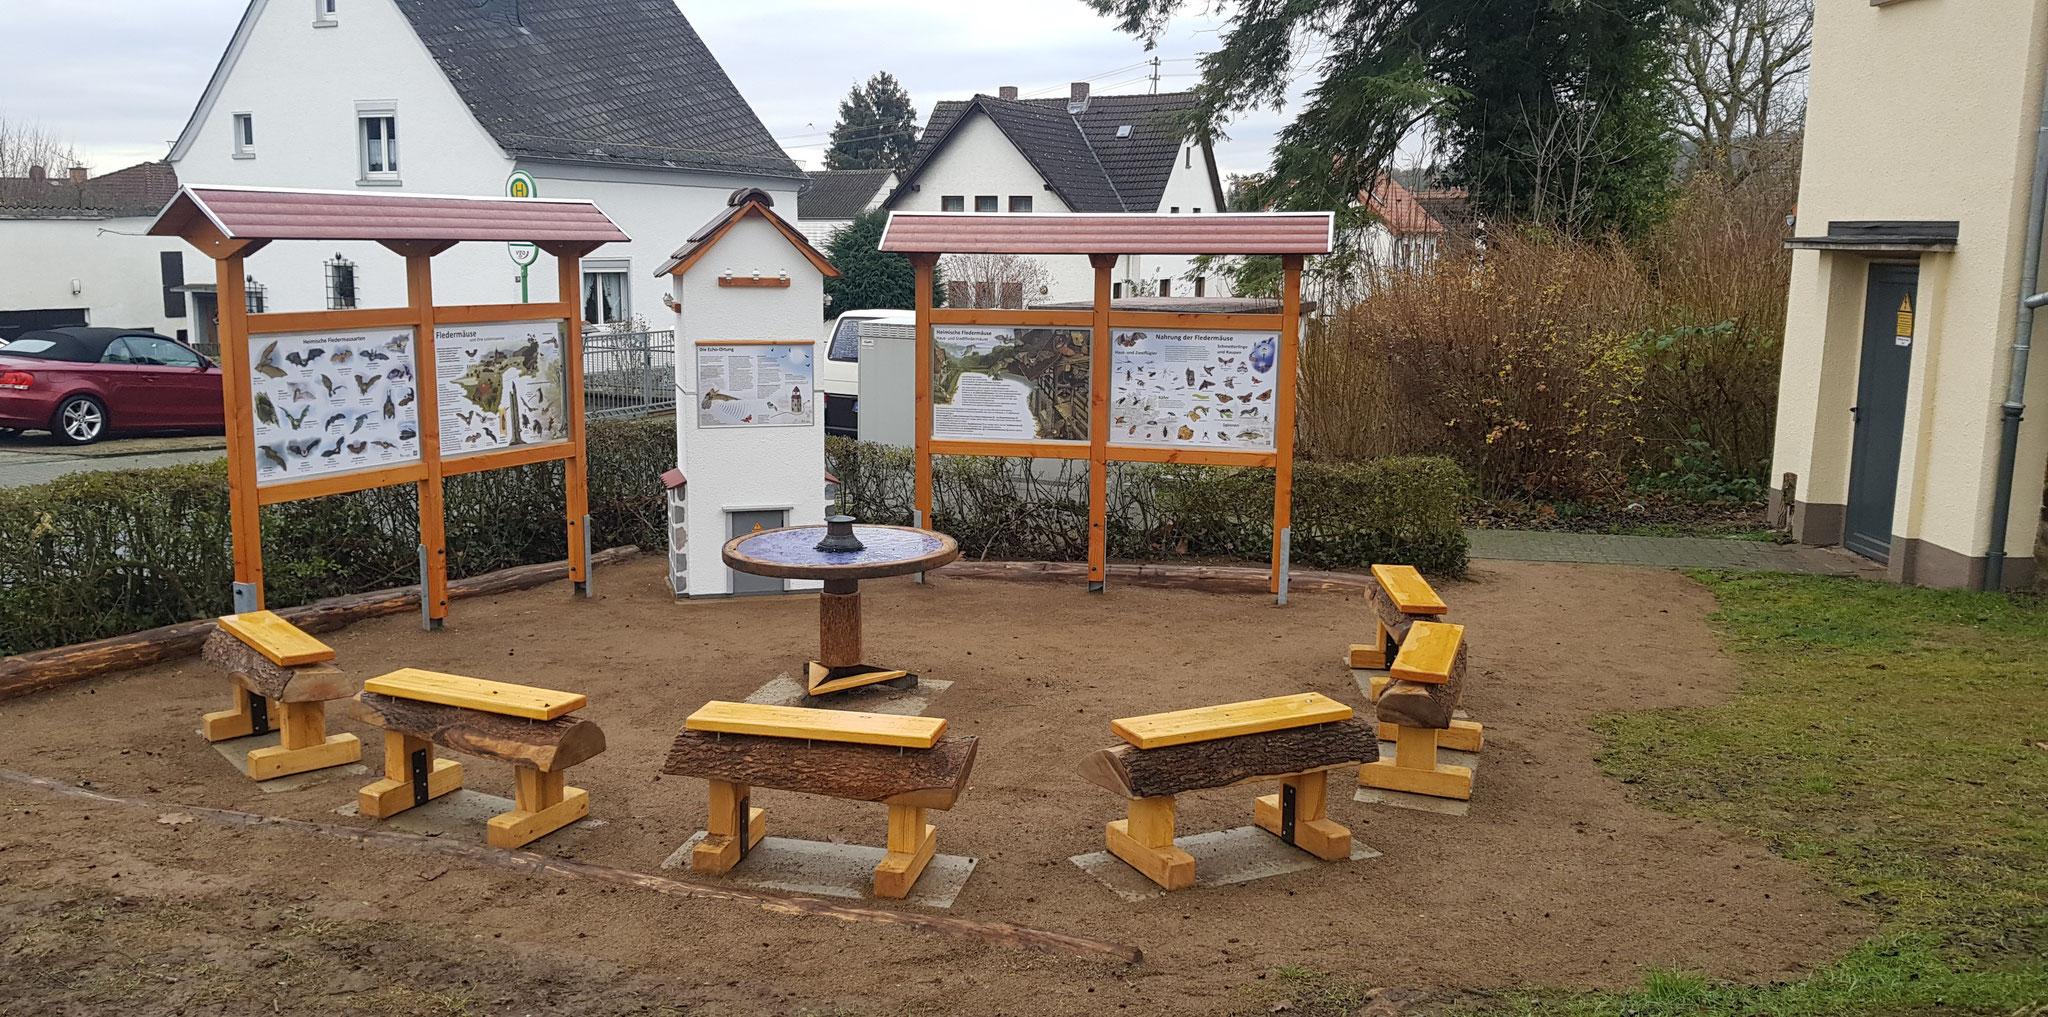 Die Wunderschöne Außenanlage umgesetzt durch die Gemeinde Biebertal / Evenius GmbH